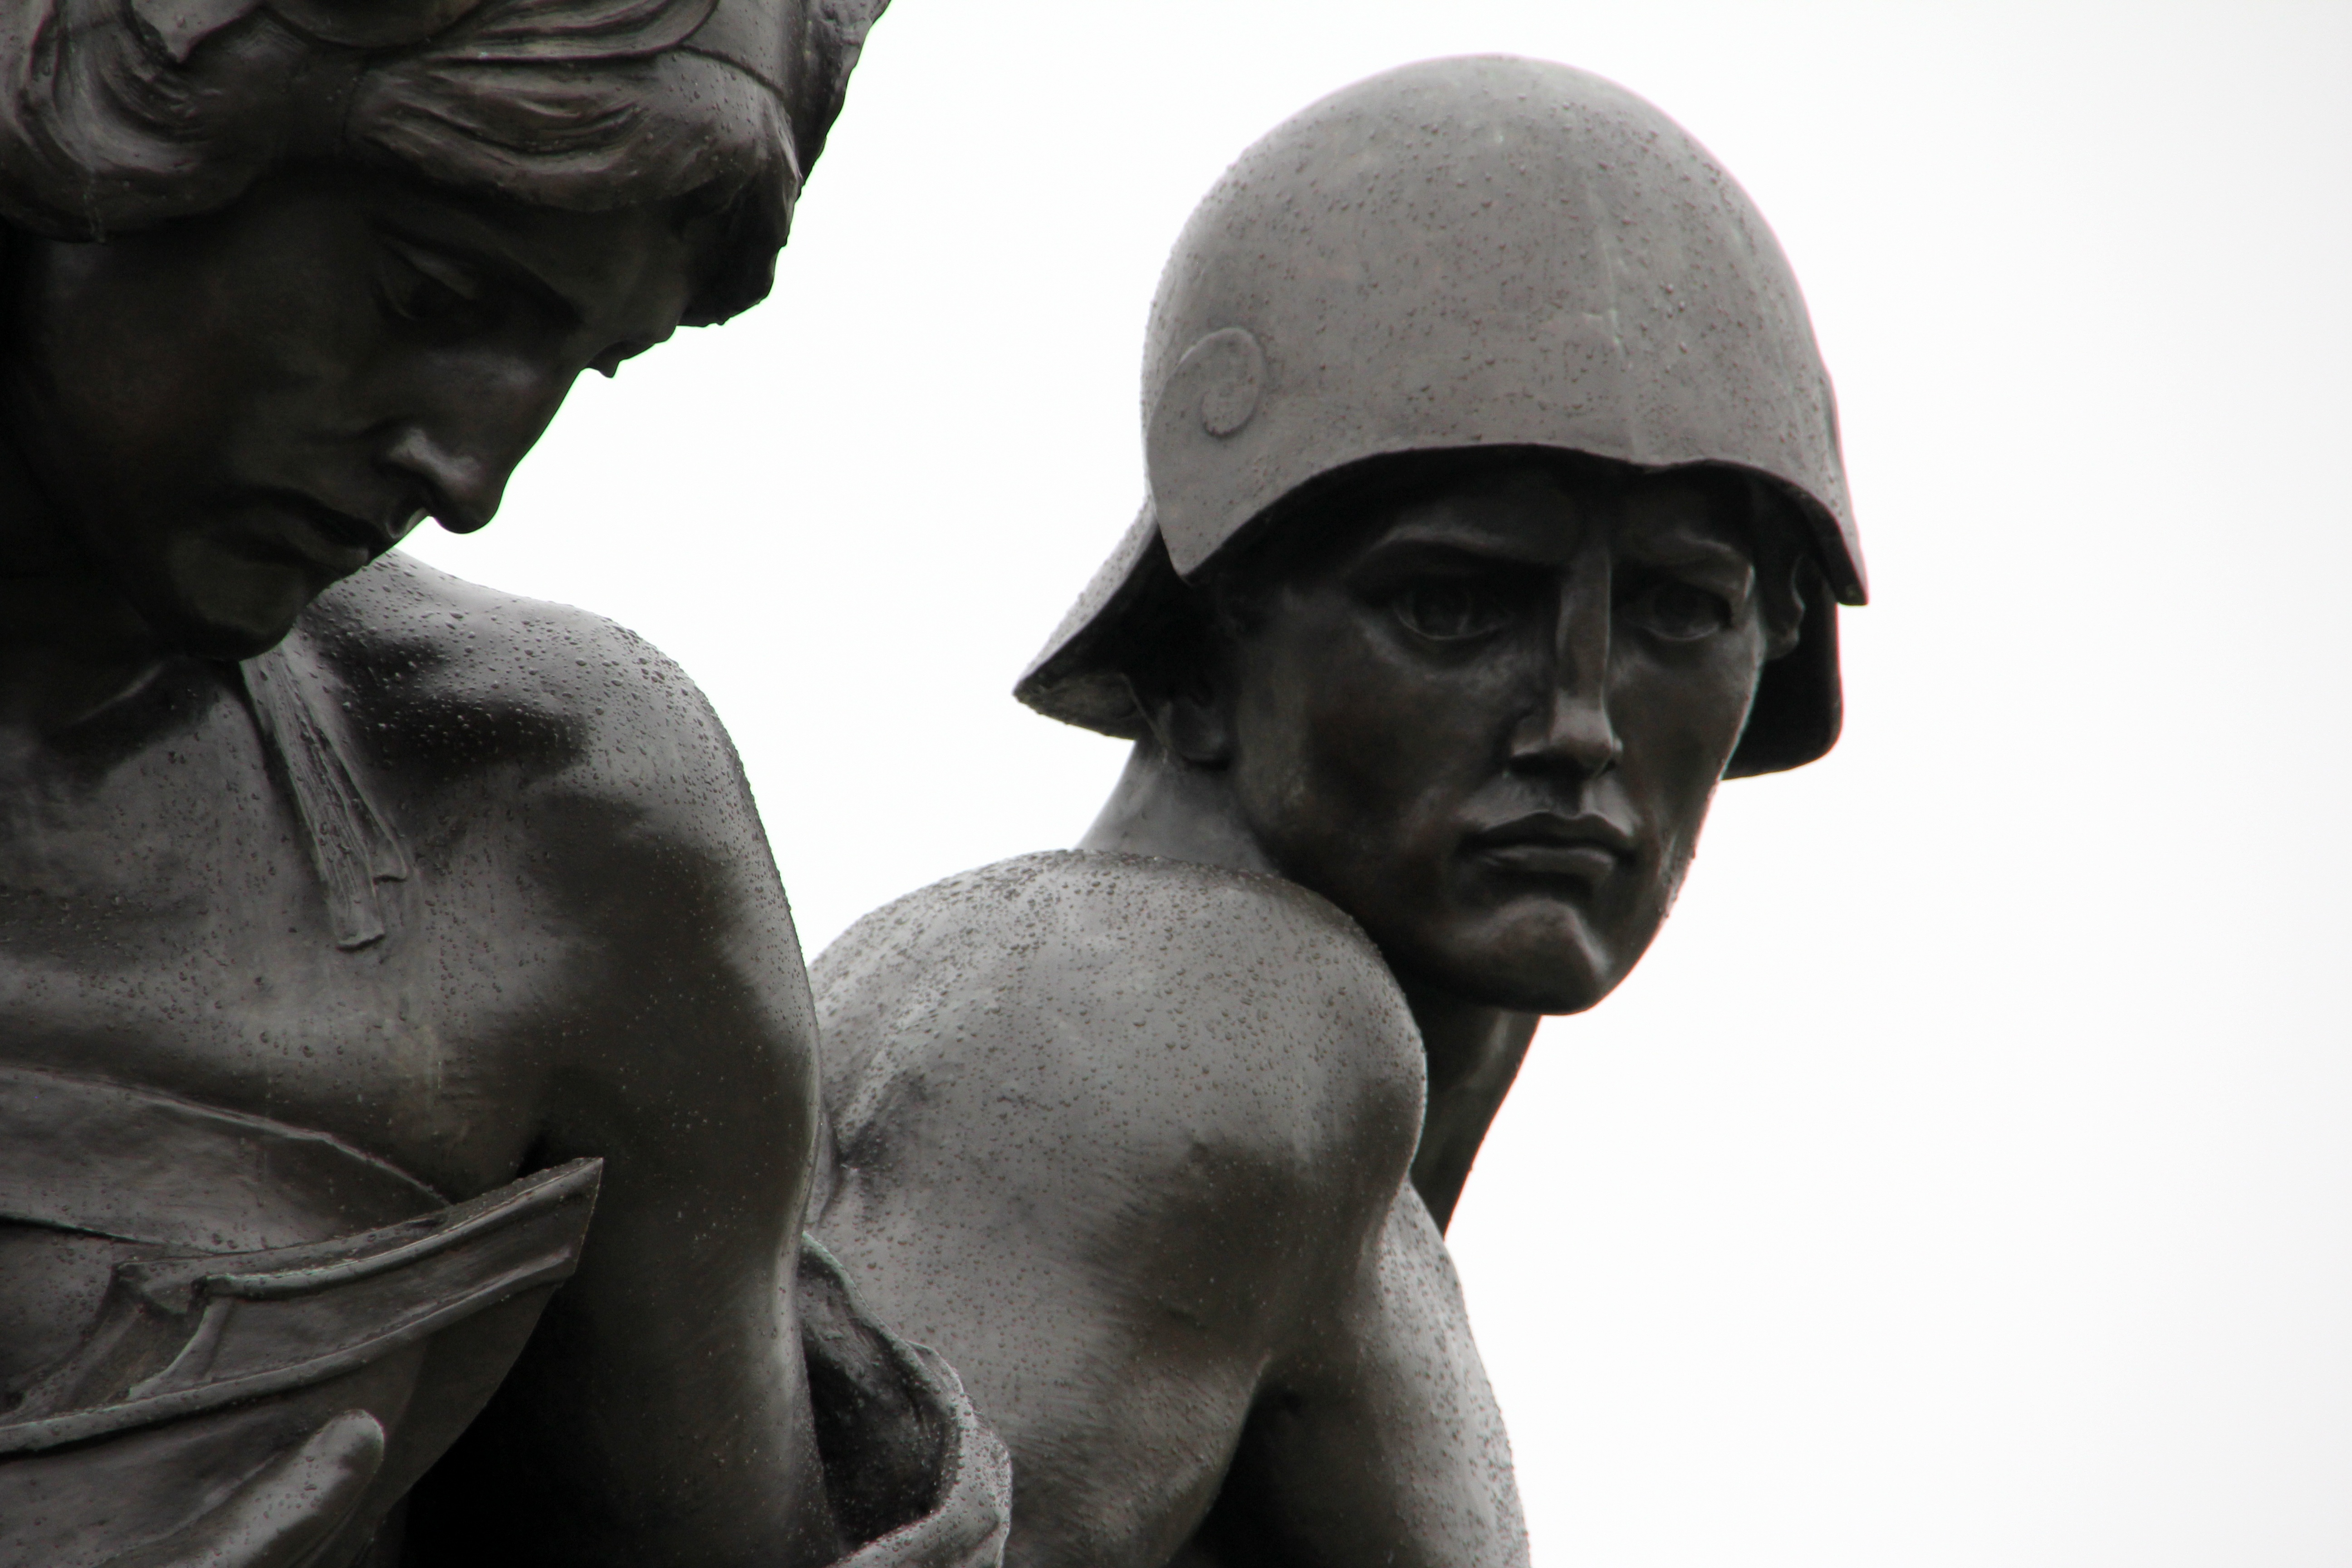 soldier-1029162